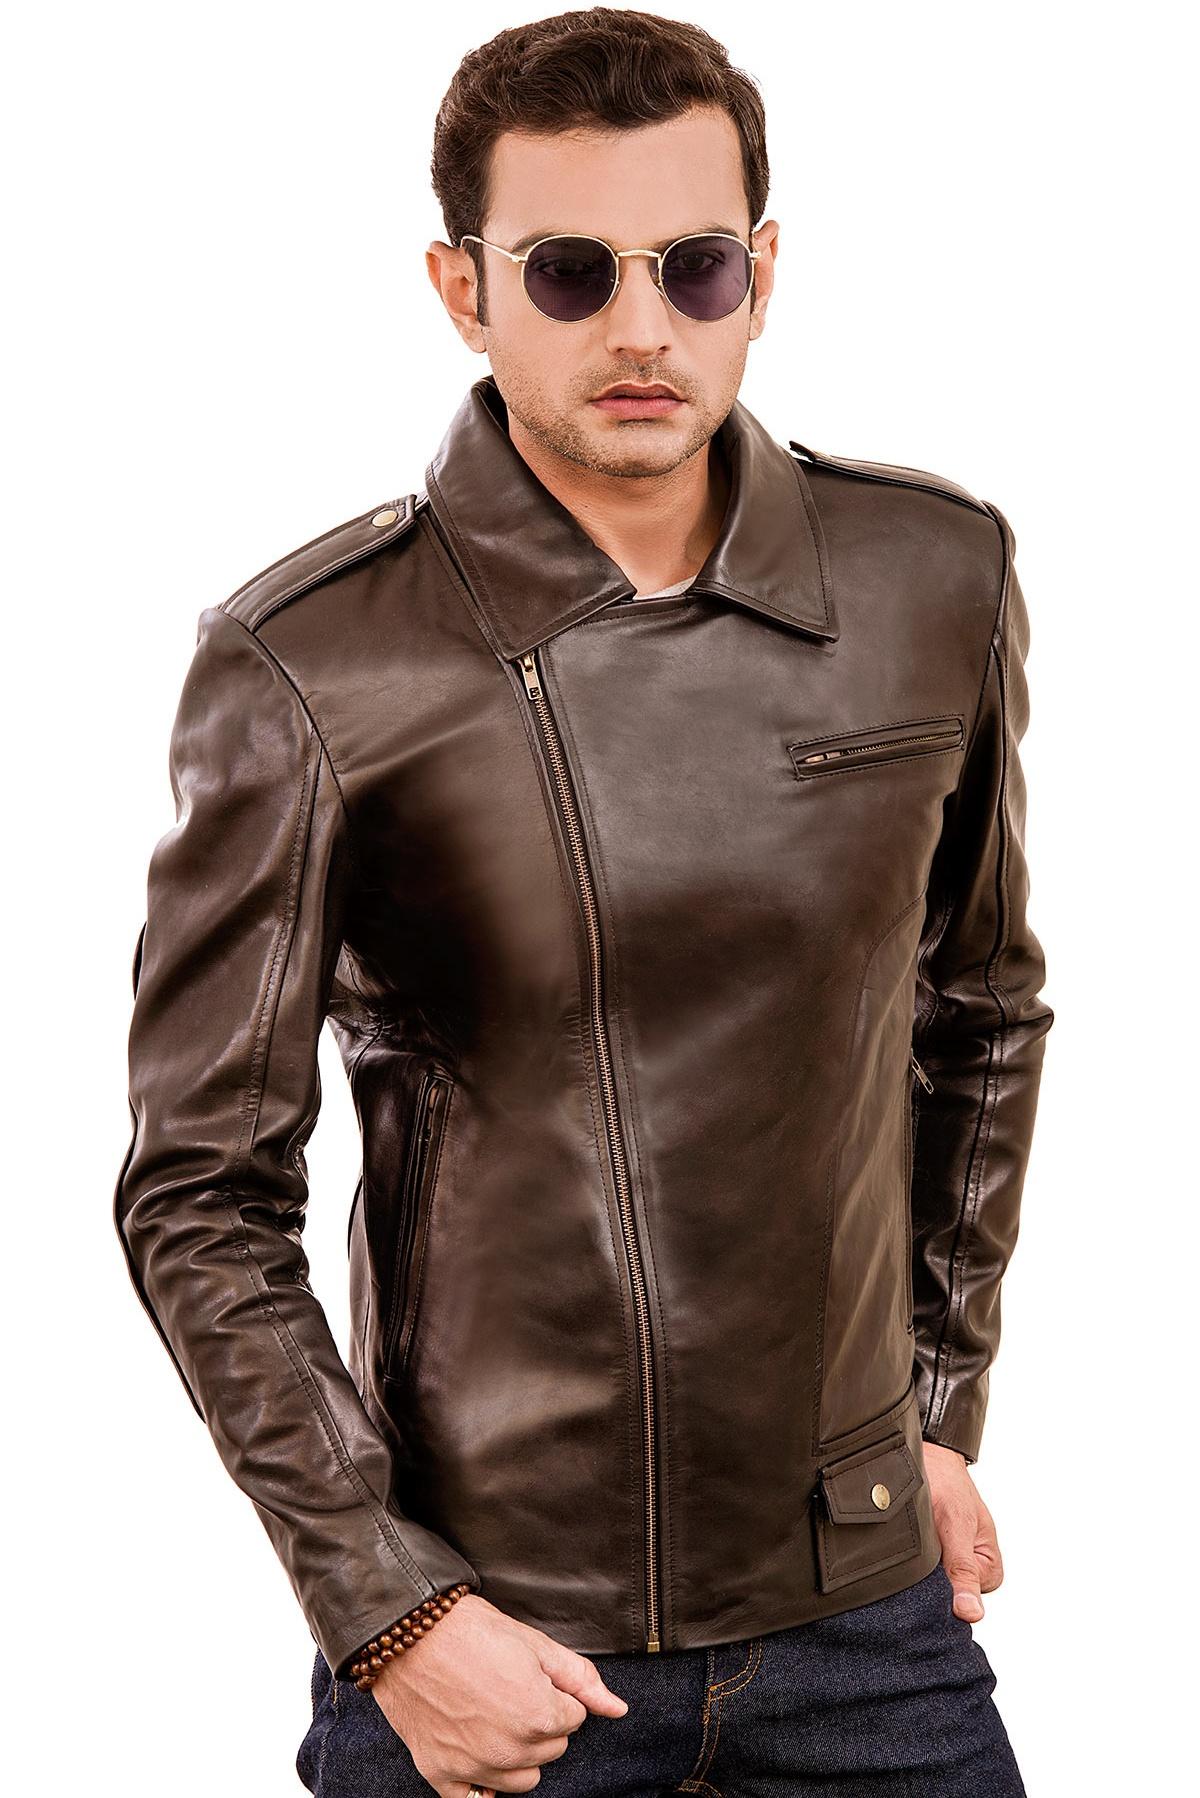 racer leather jacket men's